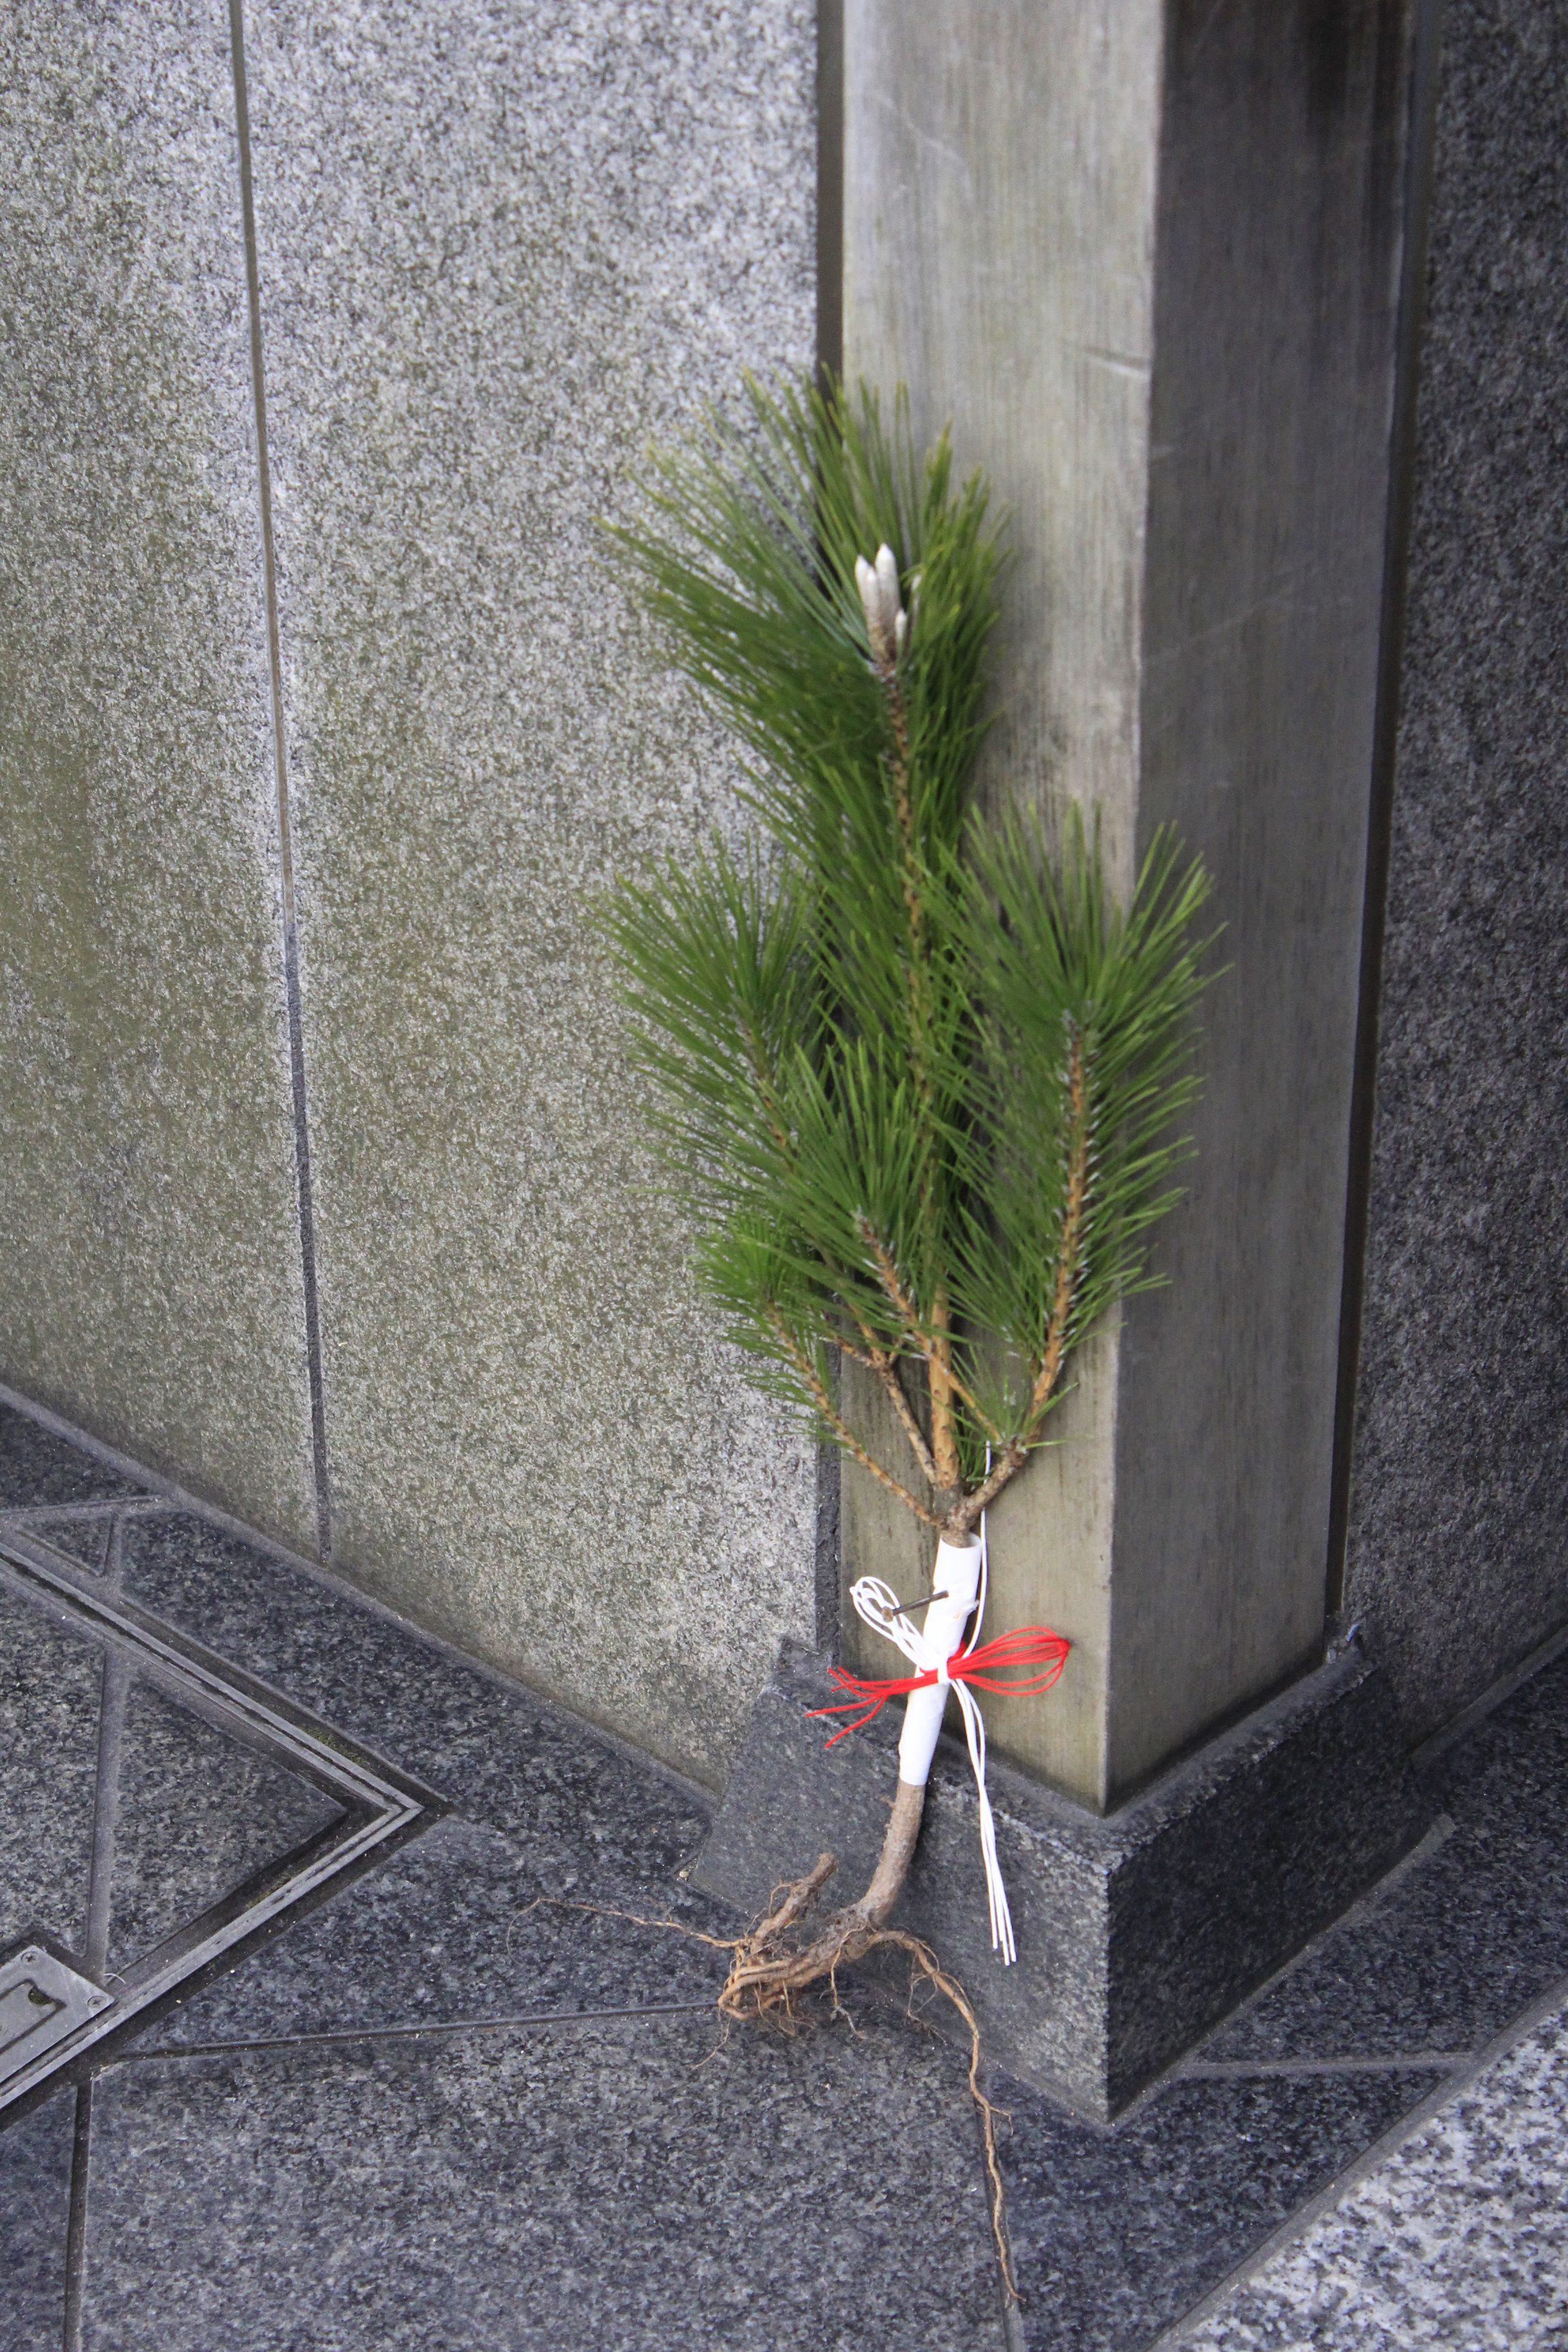 十二段屋さんの玄関に根が付いた松飾り